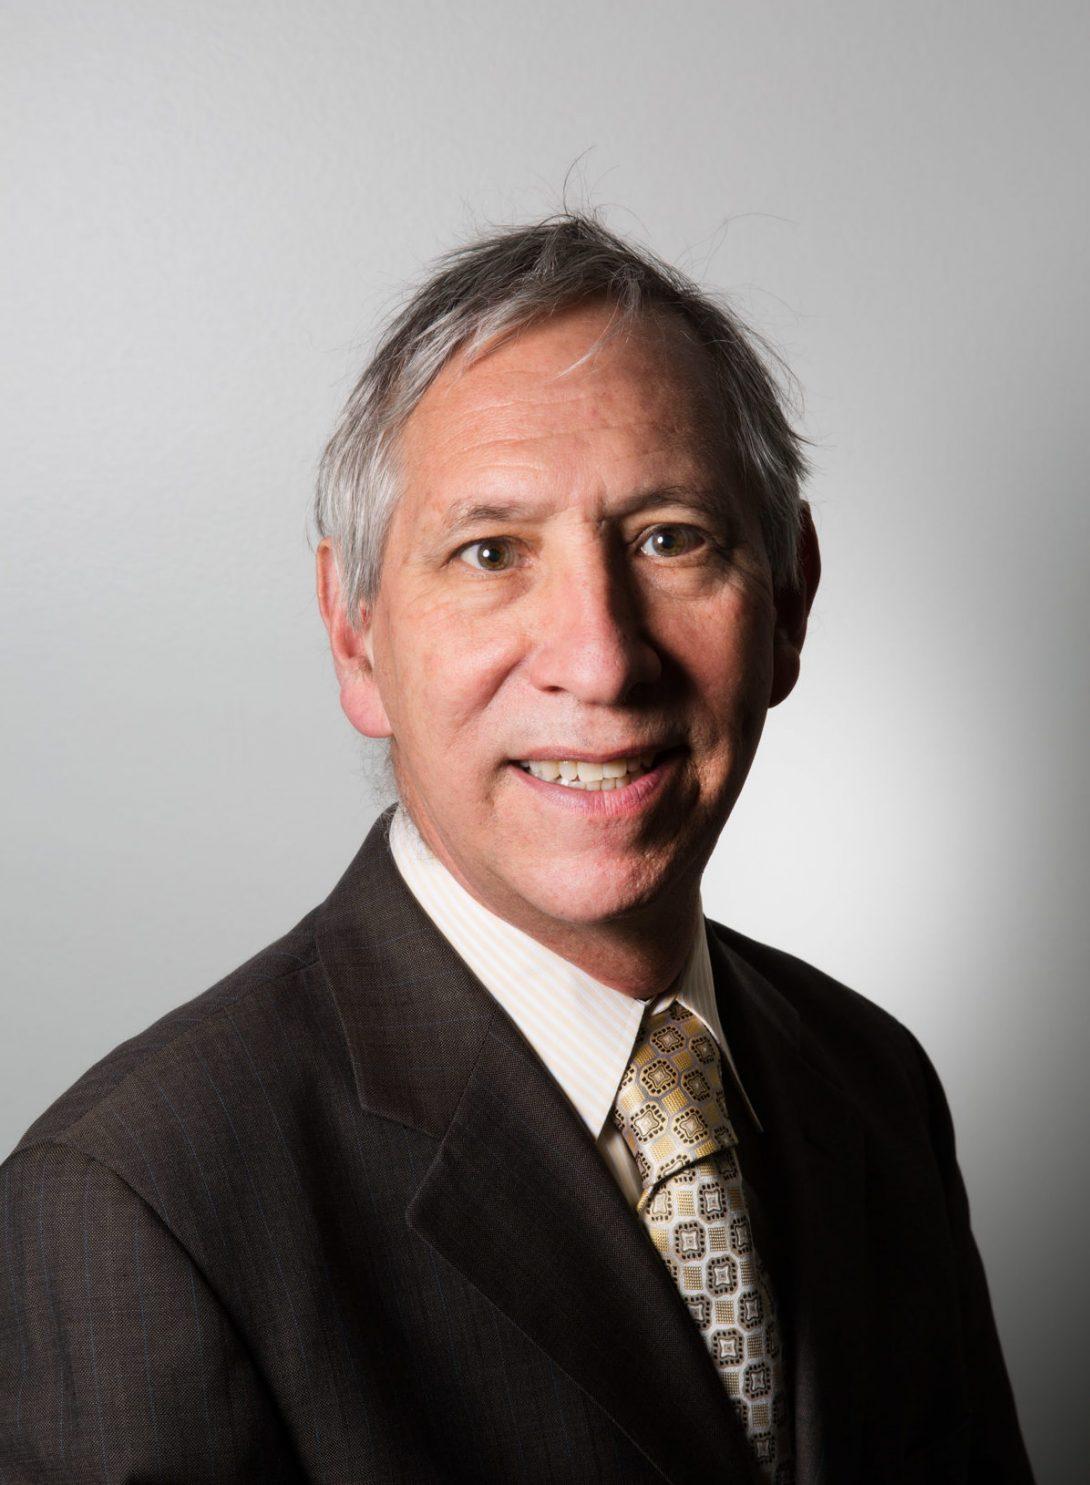 Dr. David Merriman